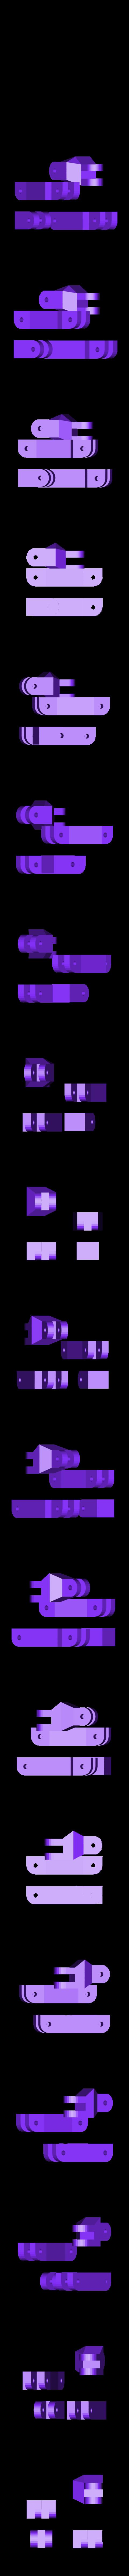 RightLeg_fixed.stl Télécharger fichier STL gratuit Leonardo Robot x TeamTeamUSA • Plan pour imprimante 3D, TeamTeamUSA